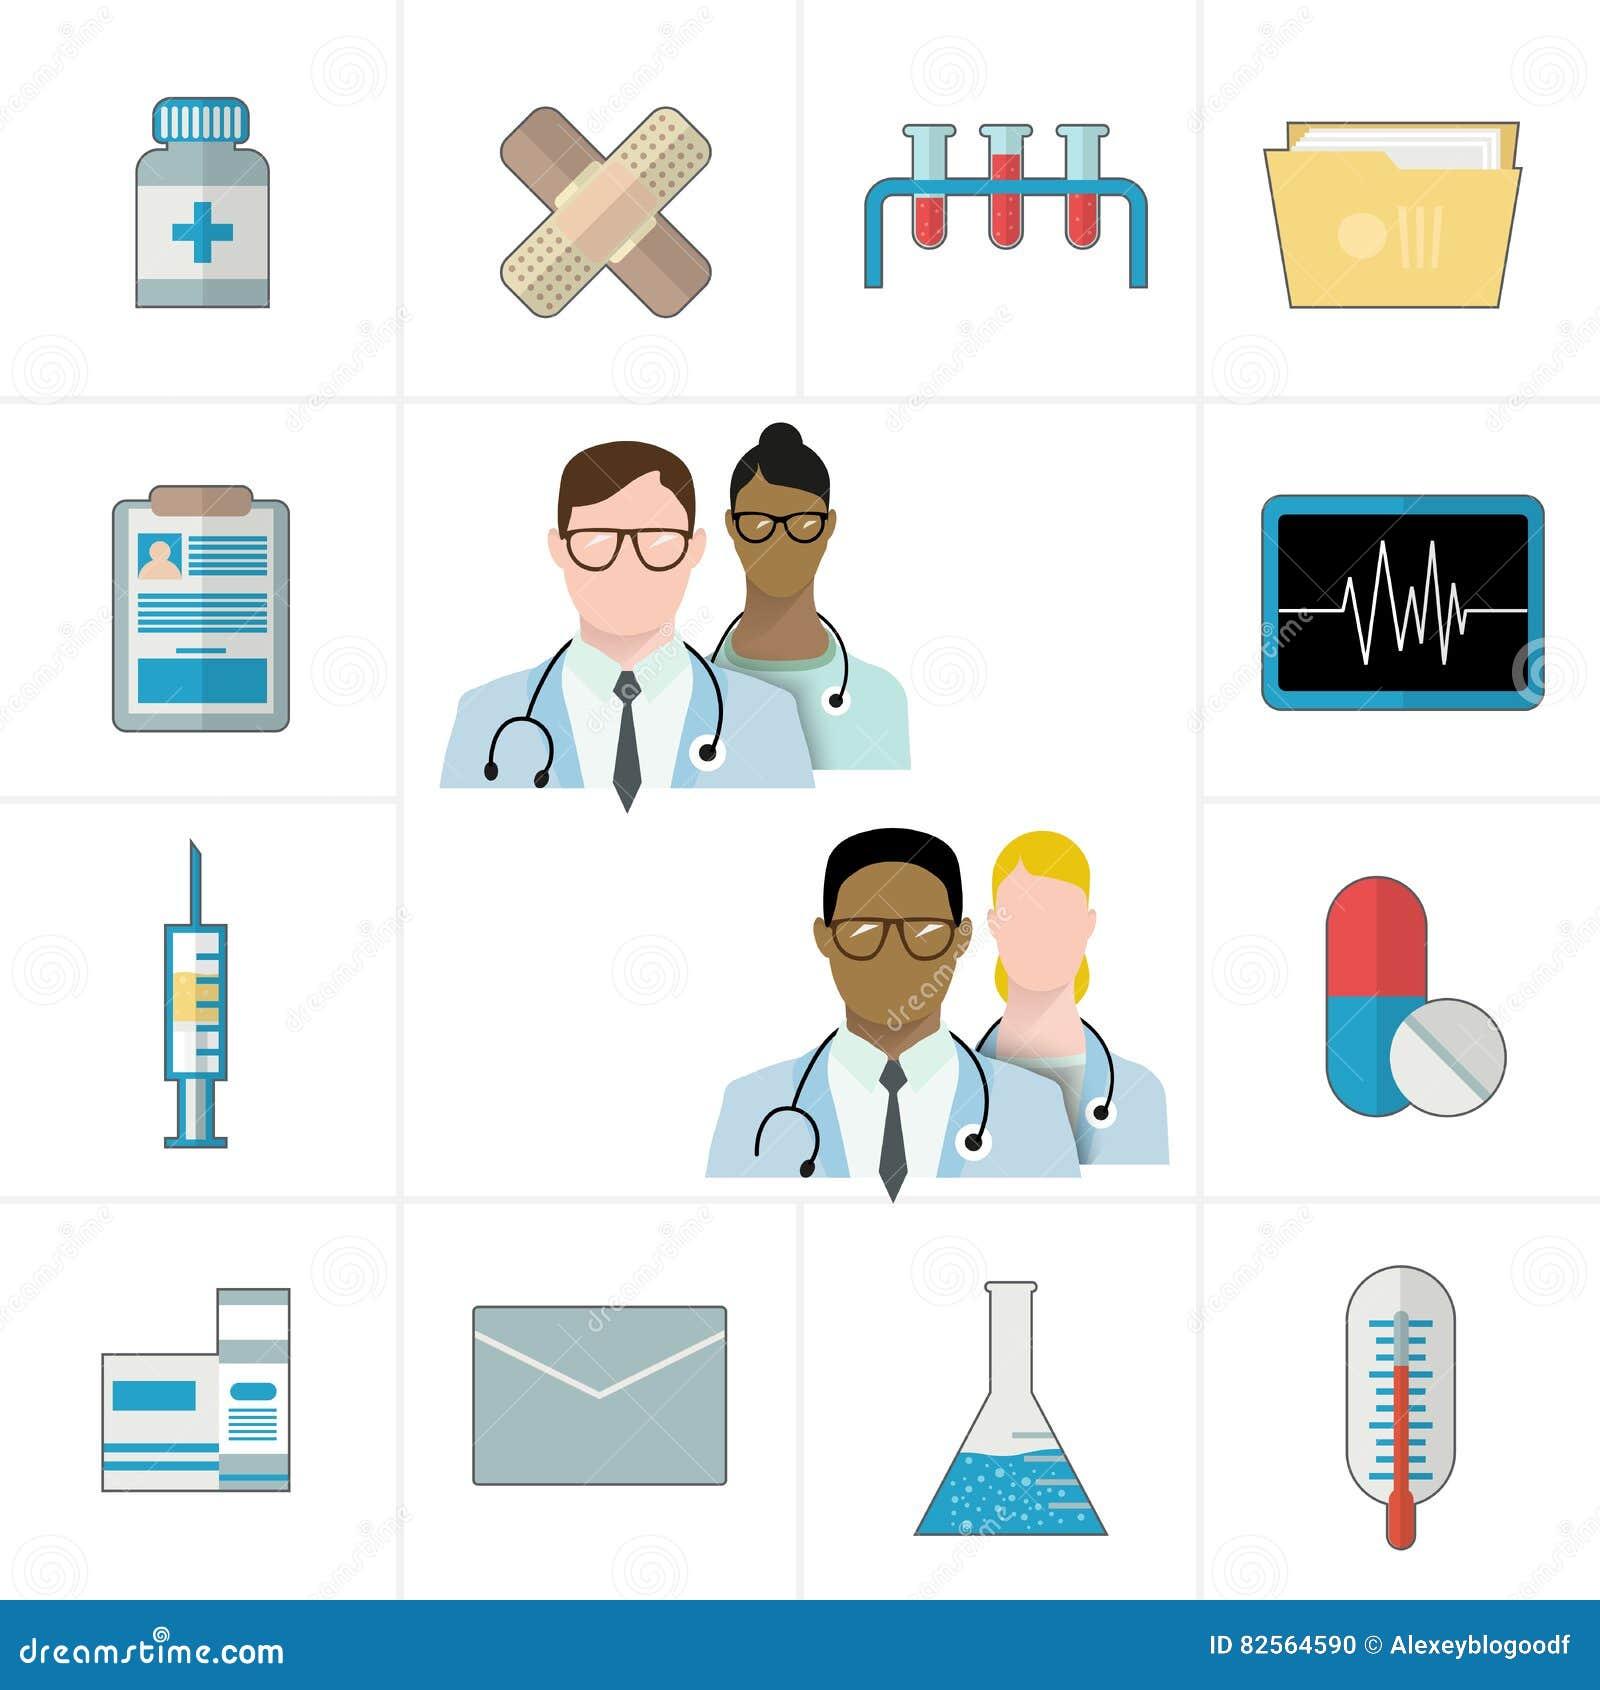 Ιατρικά και εικονίδια φαρμακευτικών ειδών ή pharma Θερμόμετρο, ταμπλέτες και χάπια, φάρμακο, καρδιογράφημα, σύριγγα, φάκελλος και